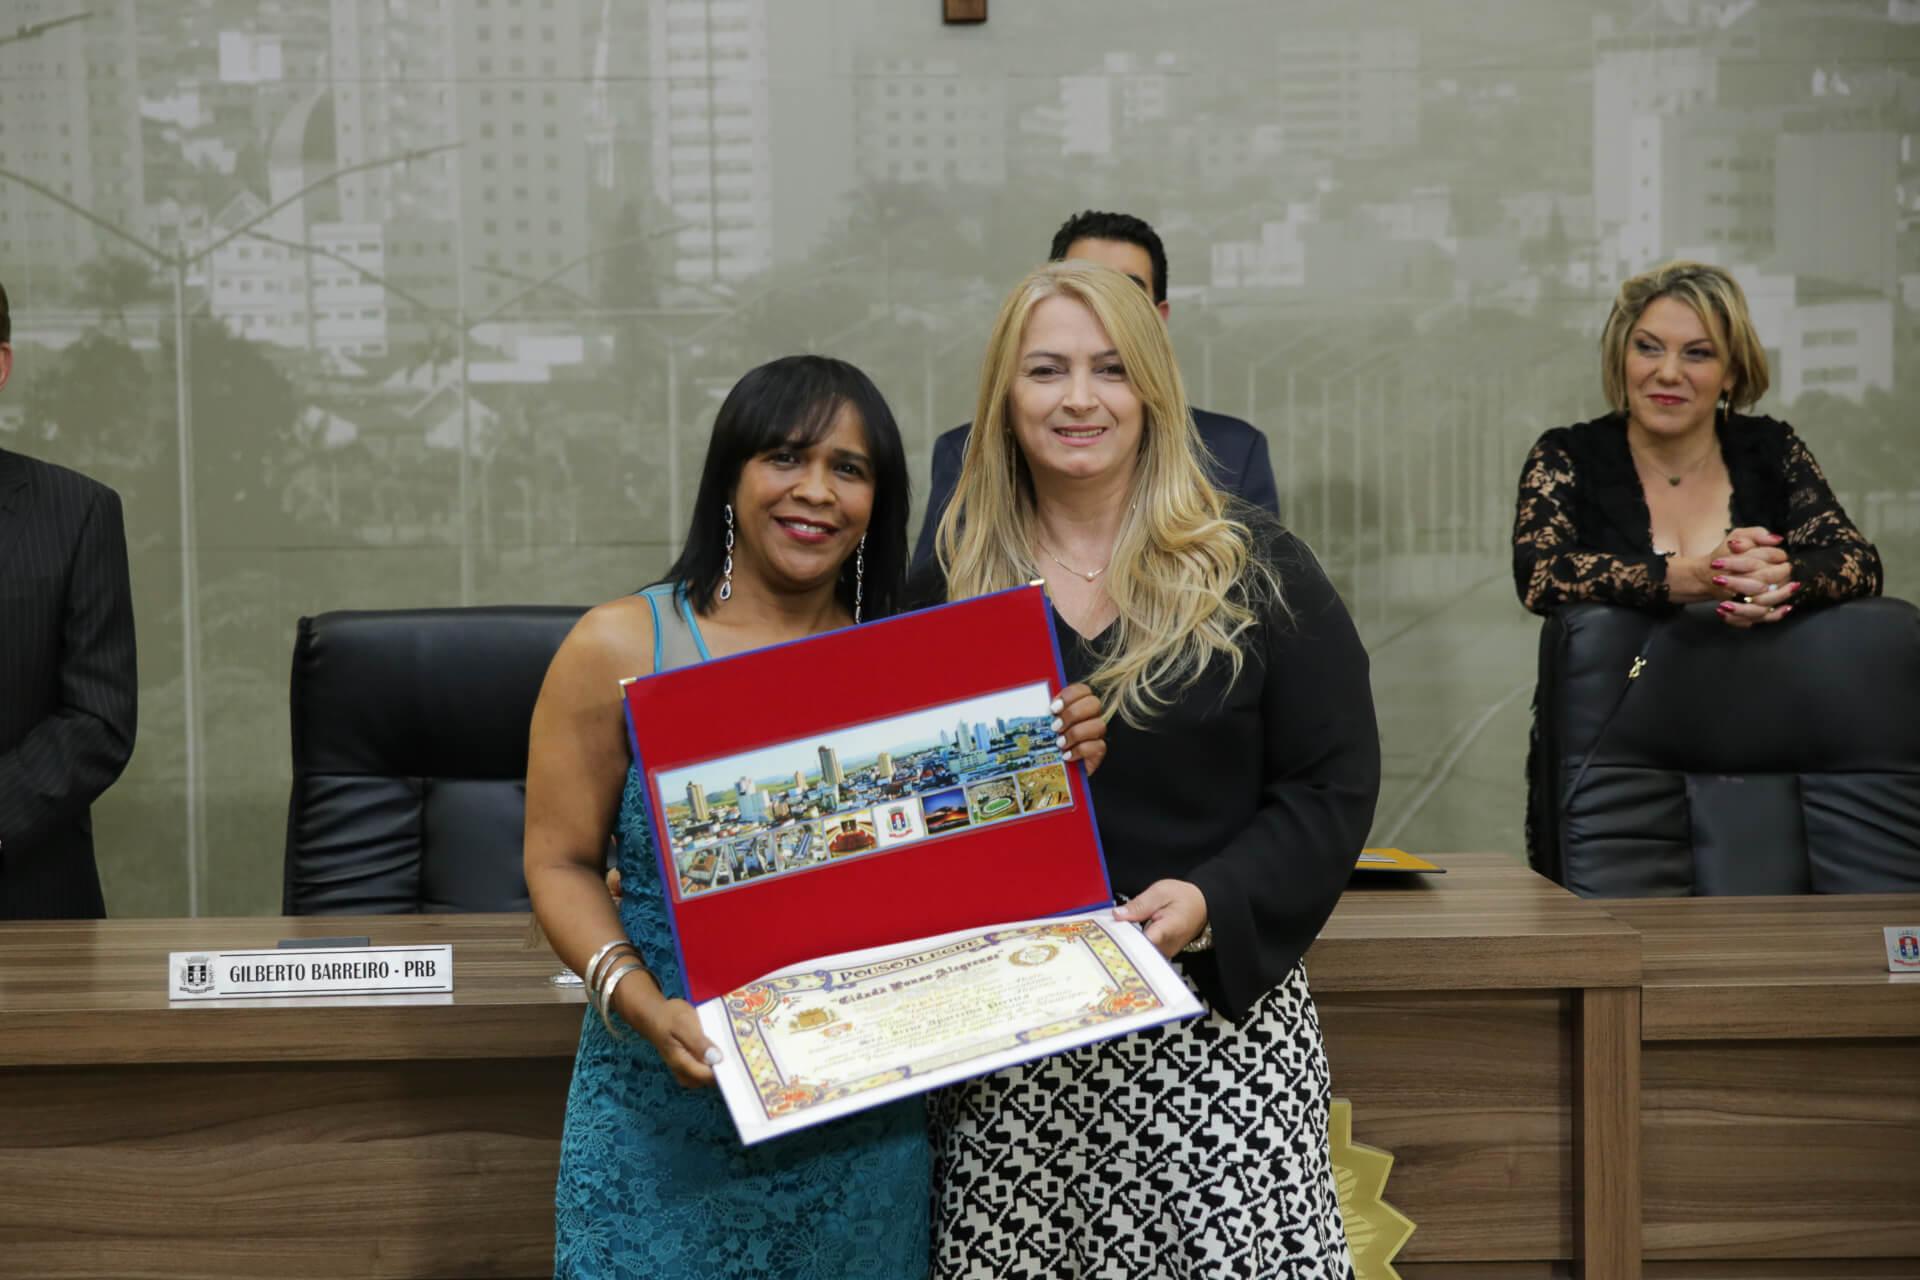 Irene aparecida Pereira foi homenageada pelo vereador Mario de Pinho, que foi representado na cerimônia por Nilza Barreira